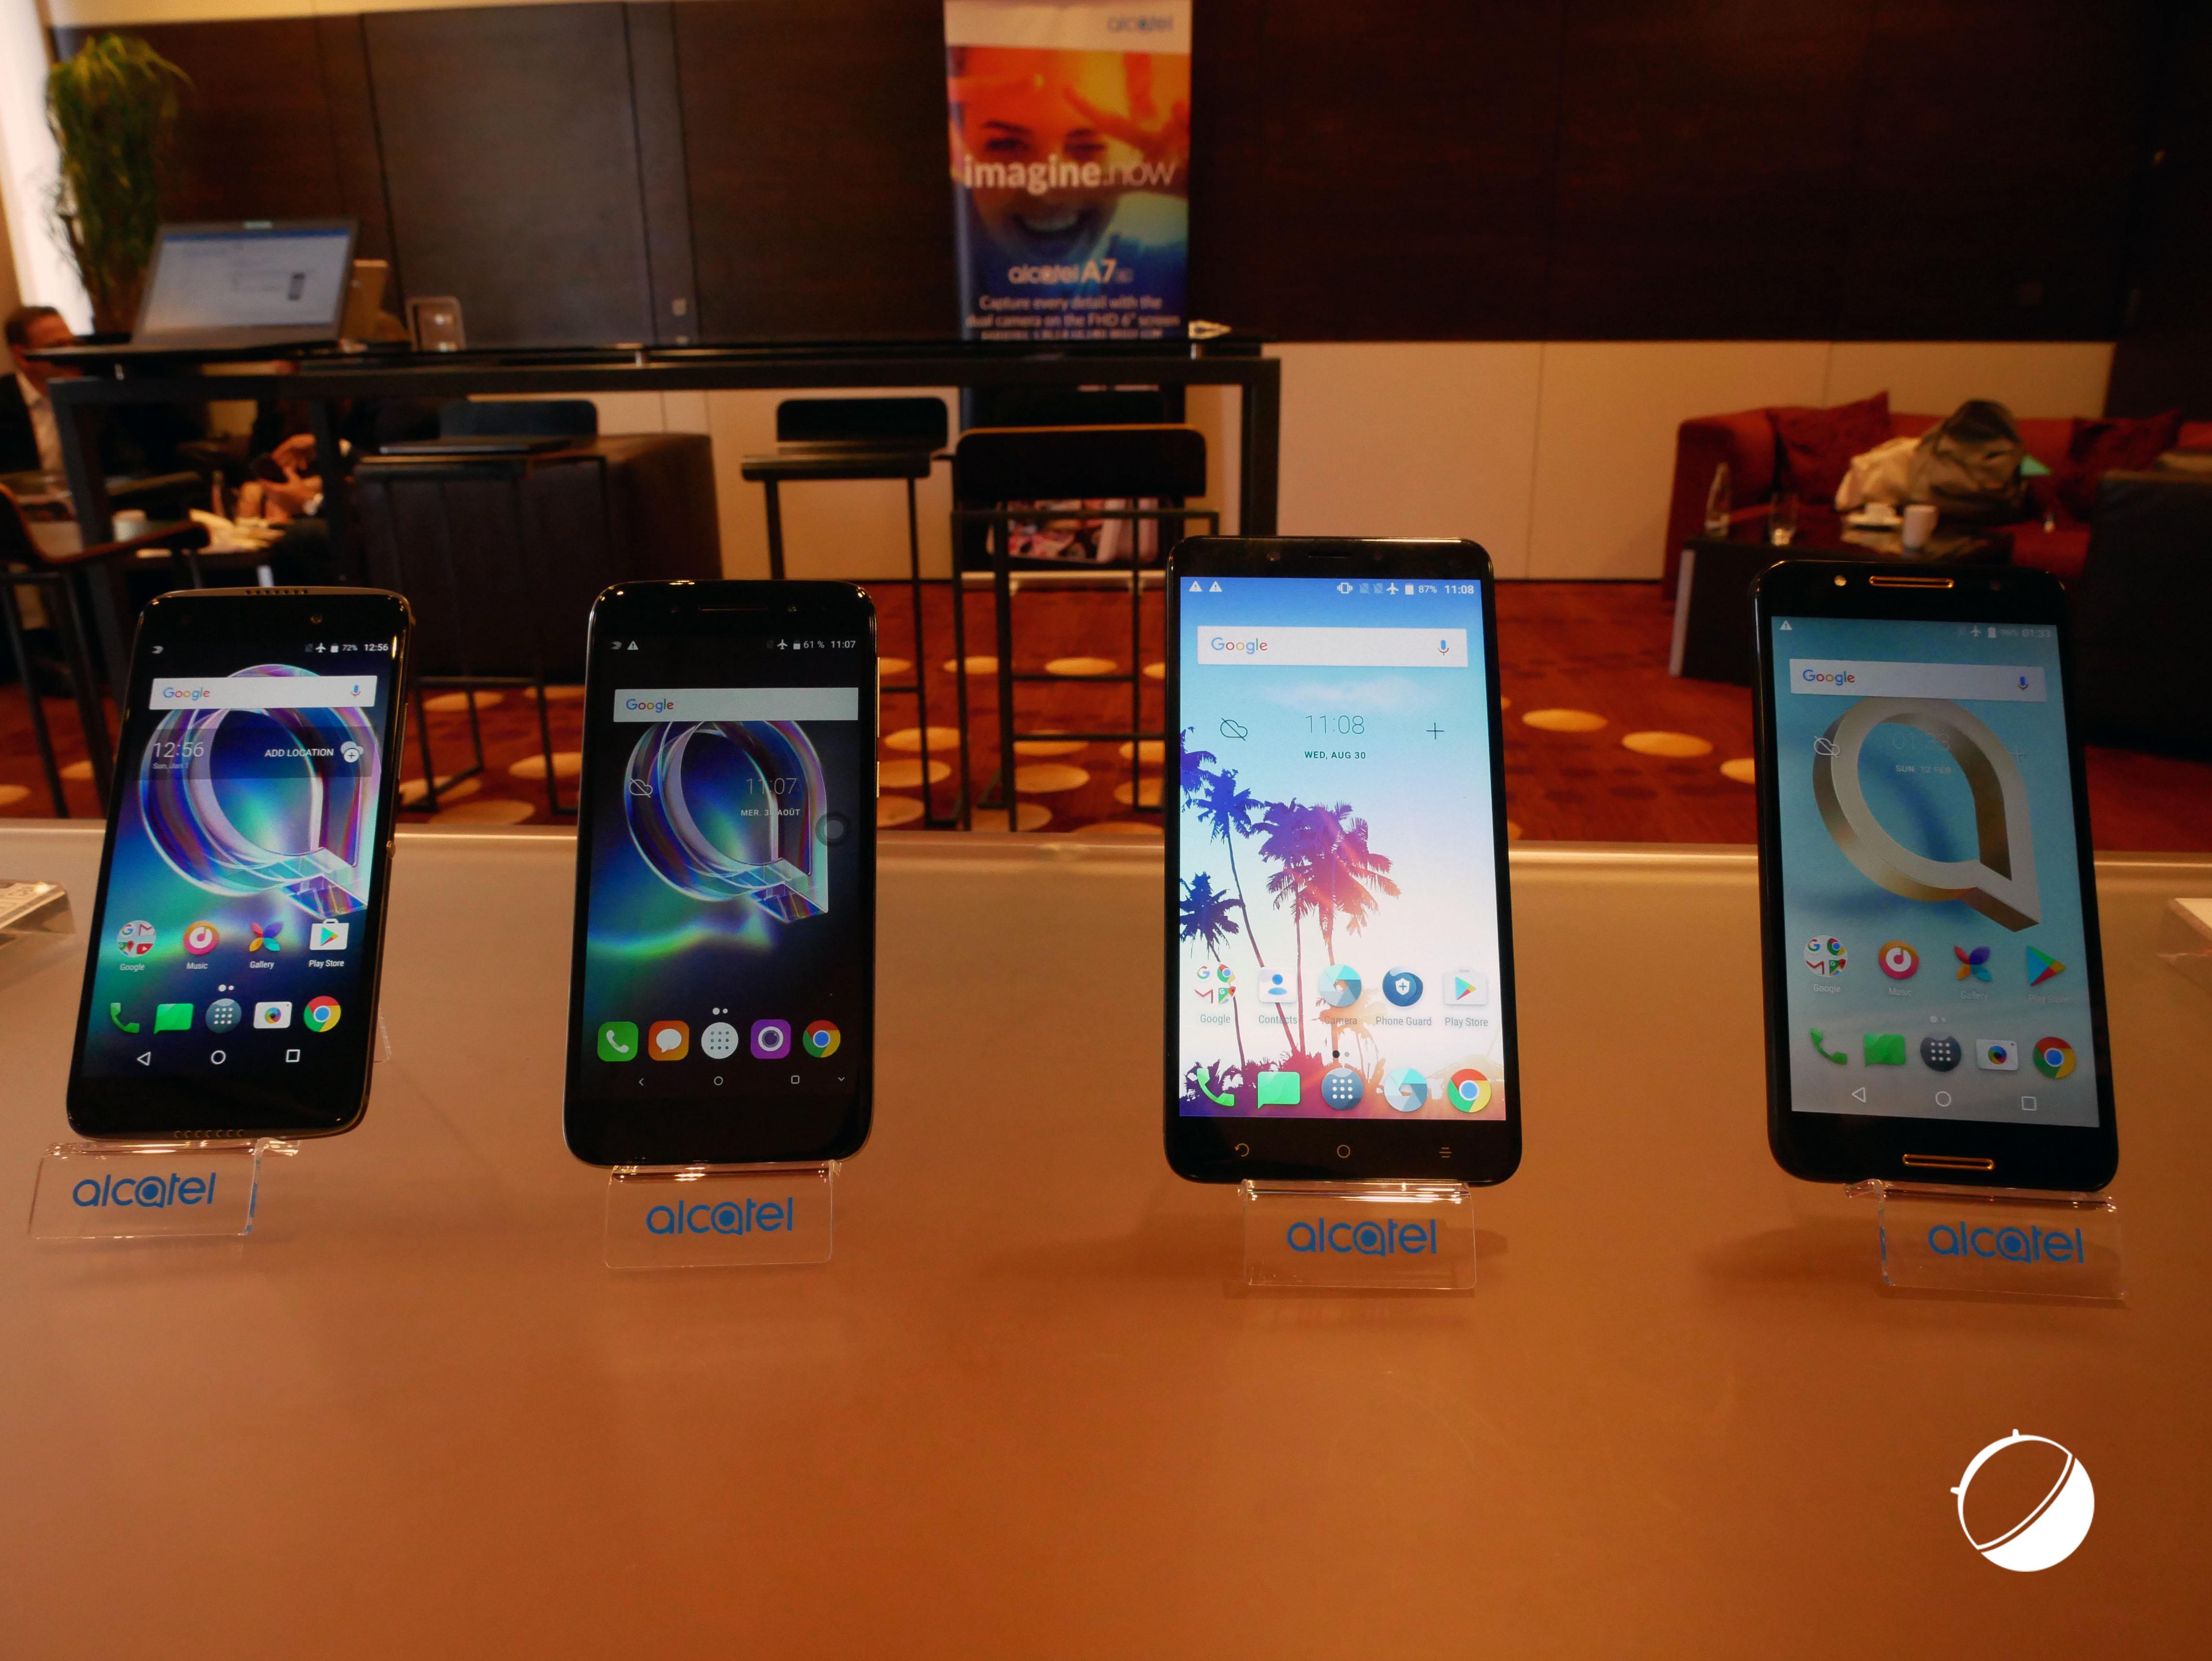 Prise en main des Alcatel Idol 5, Idol 5s, A7 et A7 XL, «accessibles et sans compromis»